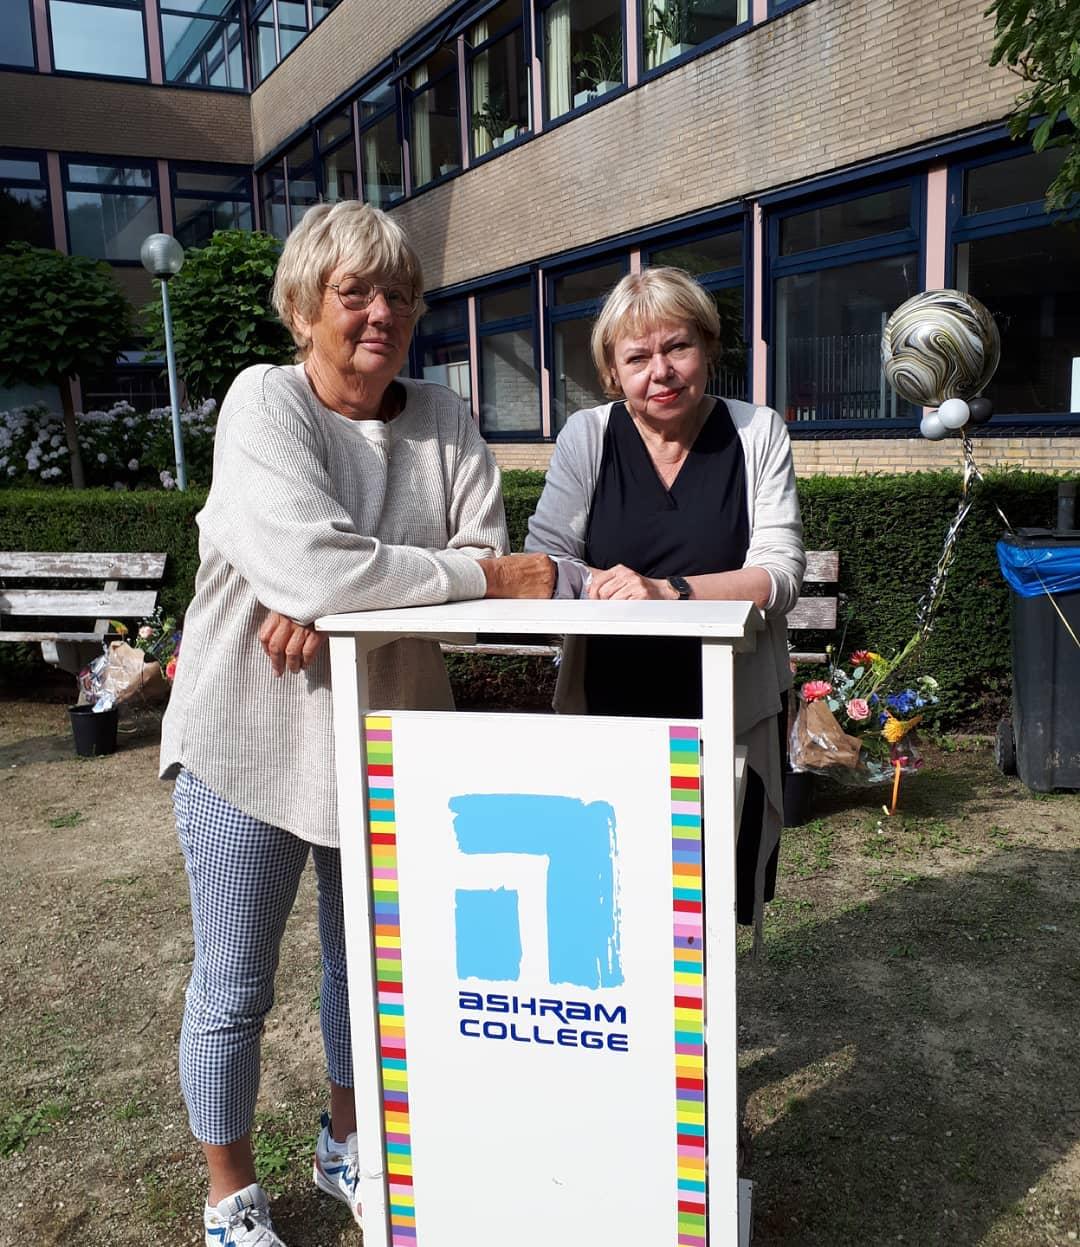 Daar staan ze: twee kersverse pensionada's! Daar gaan ze: Yvonne en Sylvia. Dank voor jullie jarenlange inzet voor onze school maar vooral voor jullie goede zorgen voor onze leerlingen. Het ga jullie goed, geniet van het pensioen! #alphenaandenrijn #hartvoordeleerling #bedankt